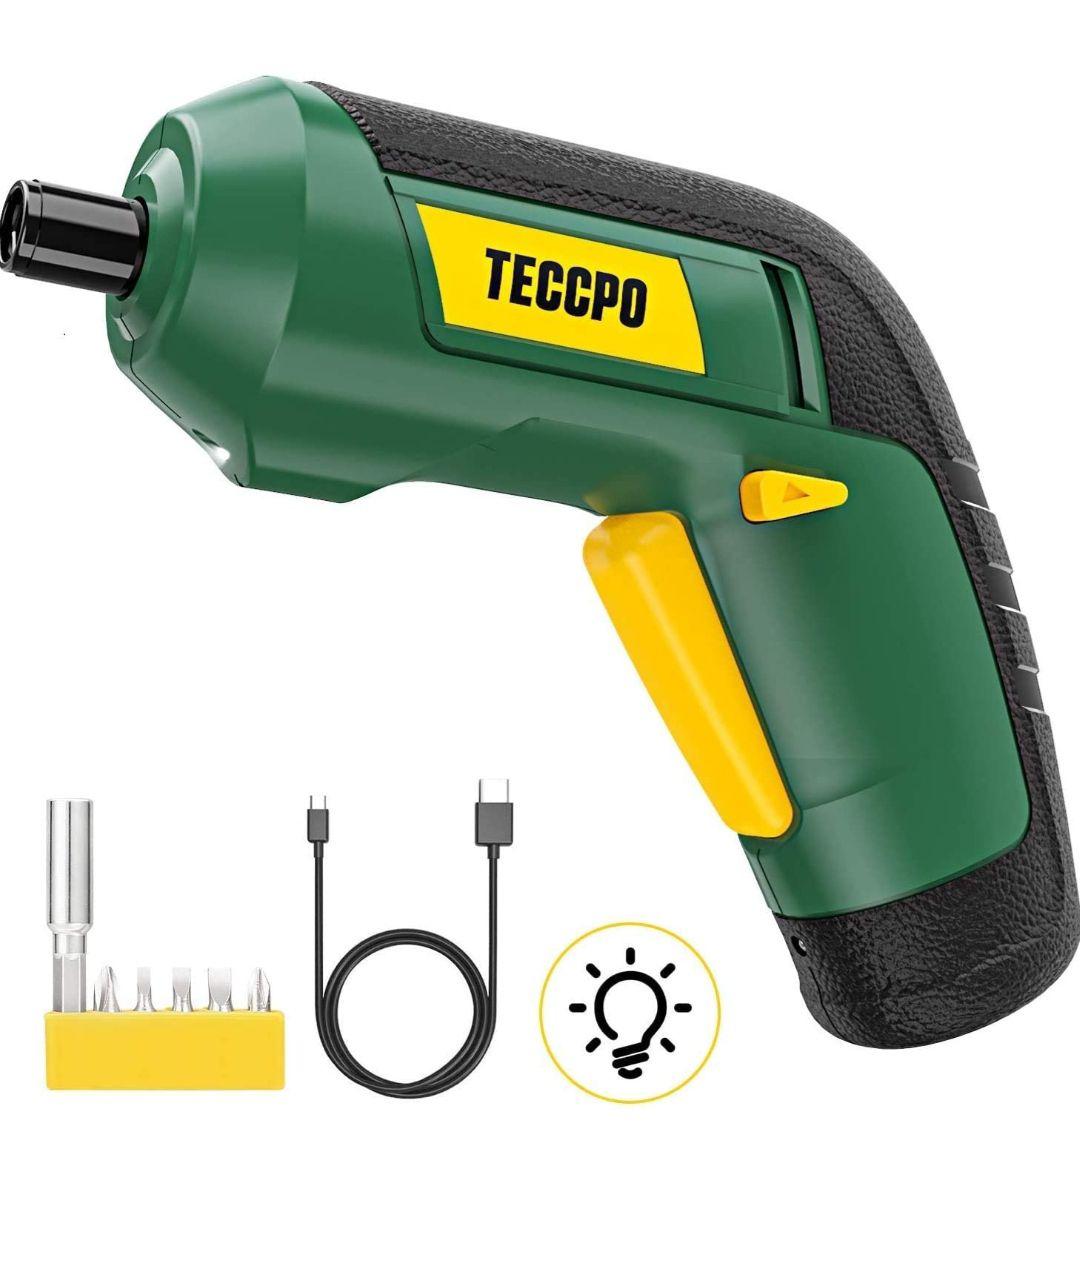 TECCPO -Destornillador Inalámbrico 3.6V, Par 4 Nm, LED Luz, 2.0Ah, Carga USB con cable, 6 Pcs Varios brocas, Indicador de carga